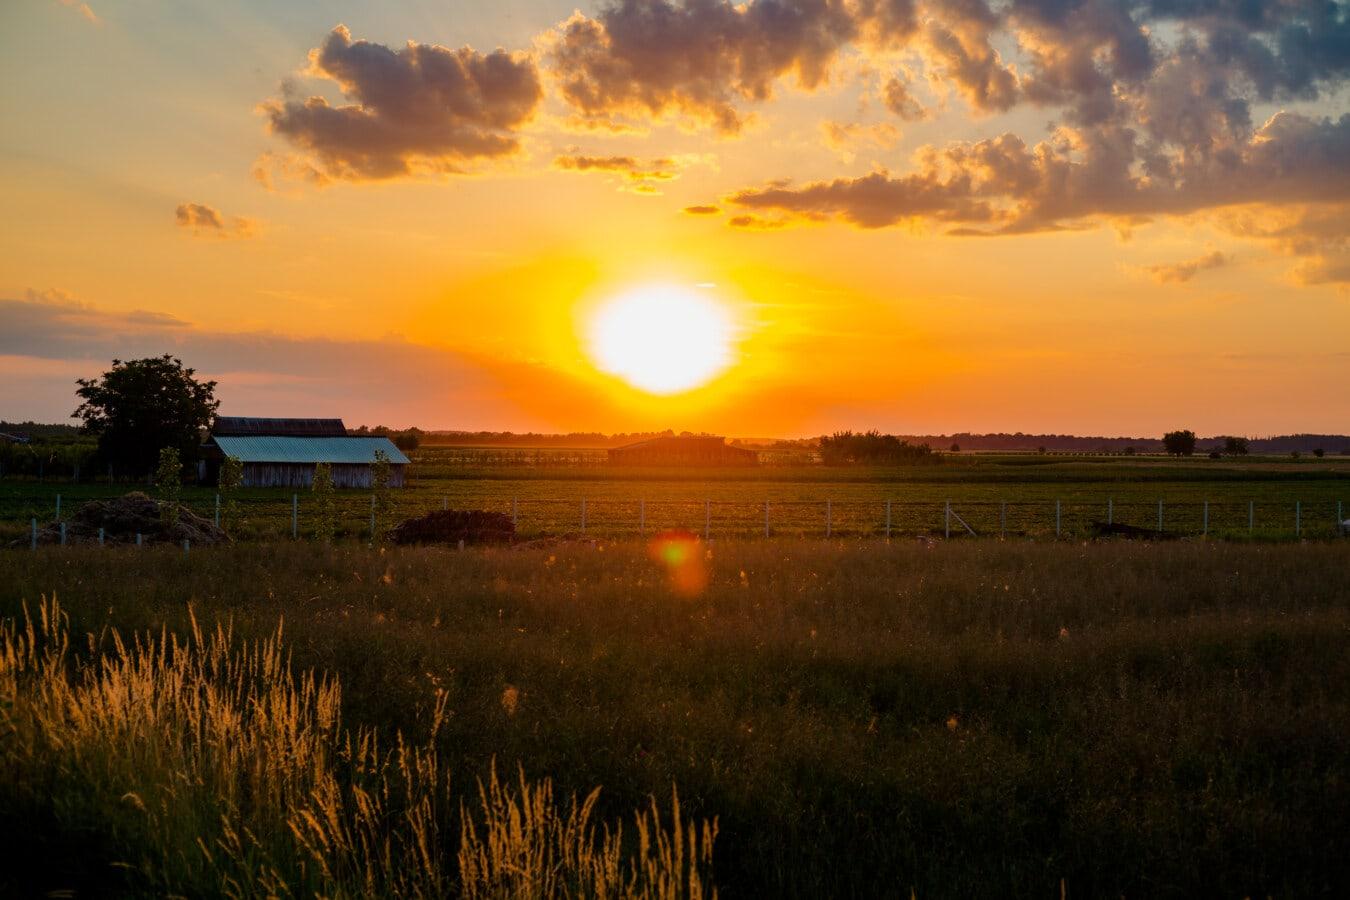 salida del sol, granja, tierras de cultivo, rayos de sol, paisaje, atmosfera, puesta de sol, estrella, amanecer, sol